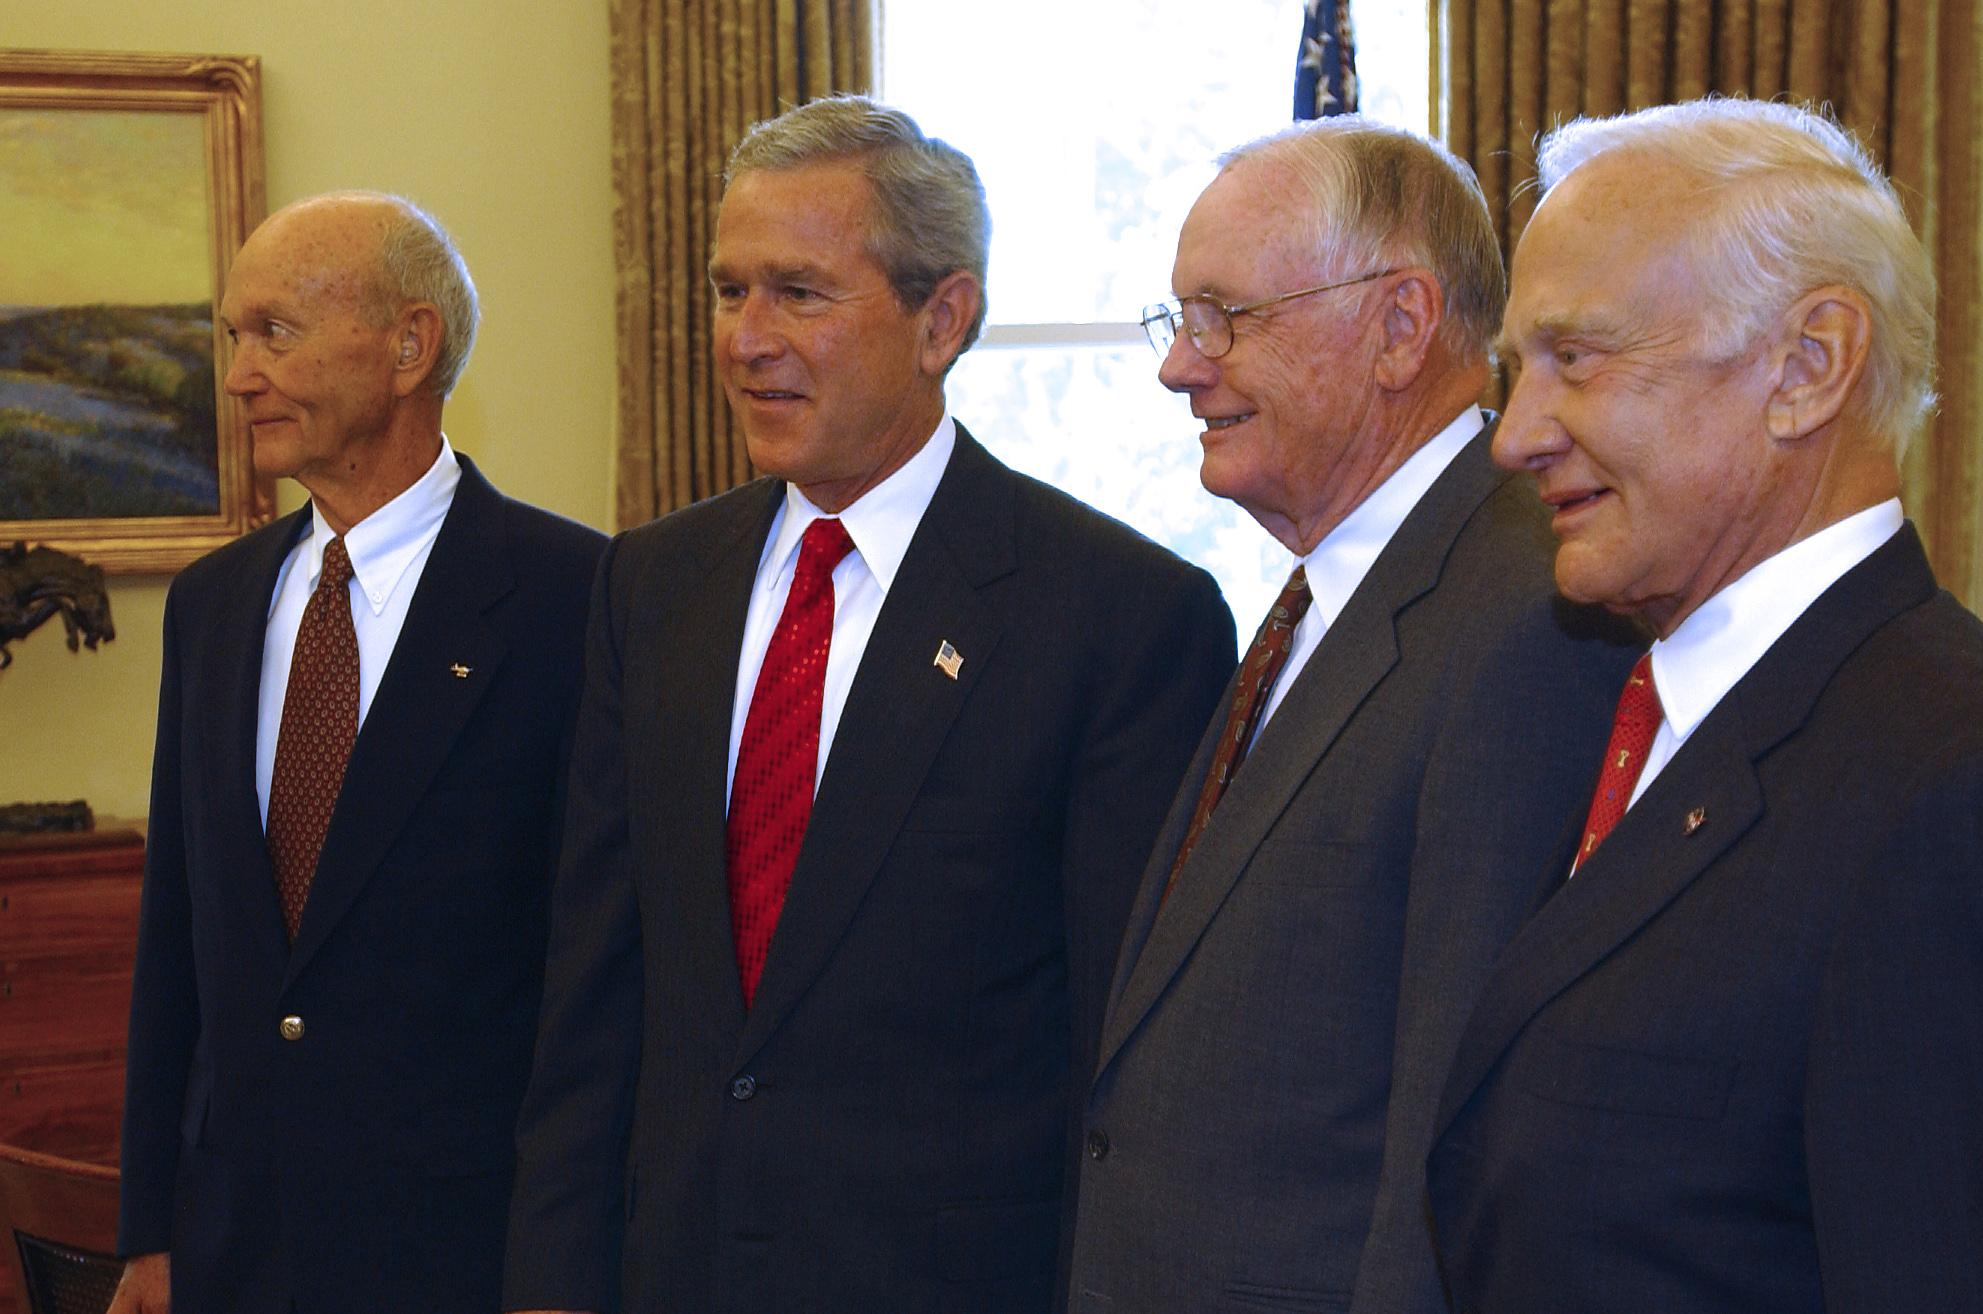 NASA - Apollo 11 Crew at the White House